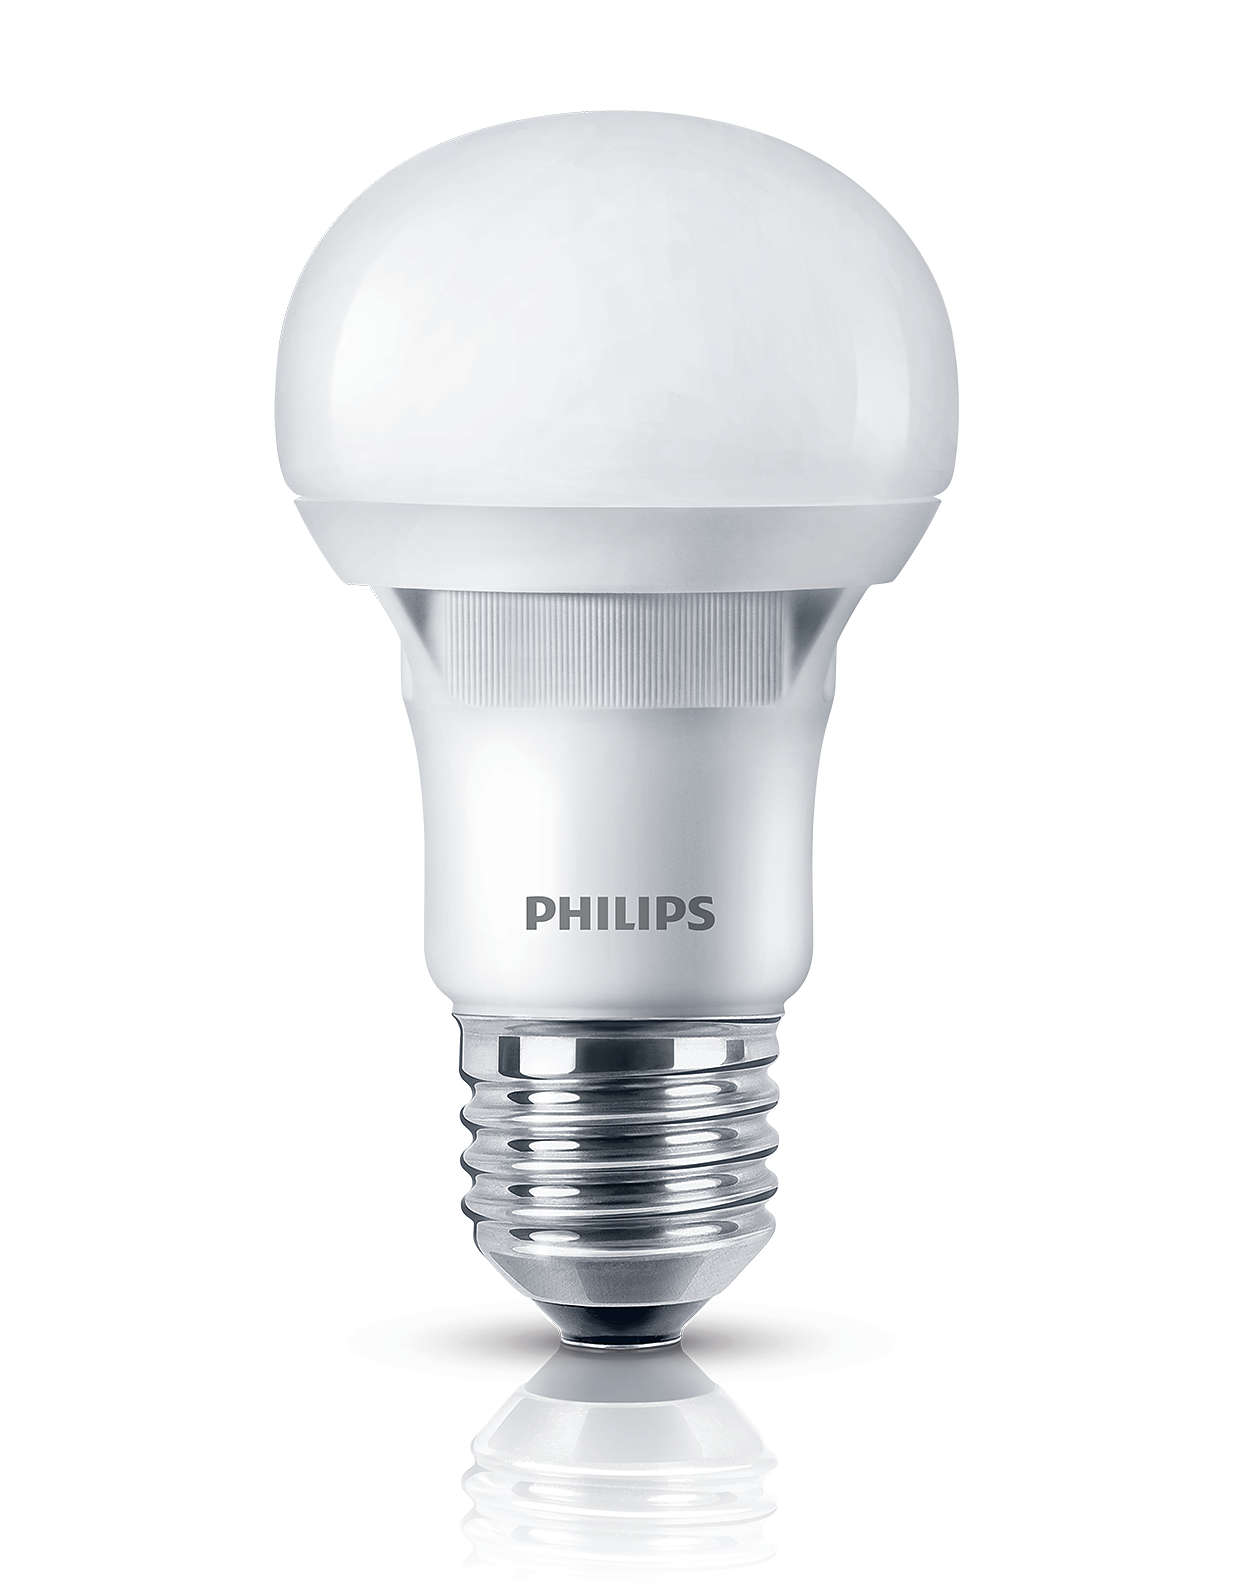 先進的 LED 燈泡,您的家居首選